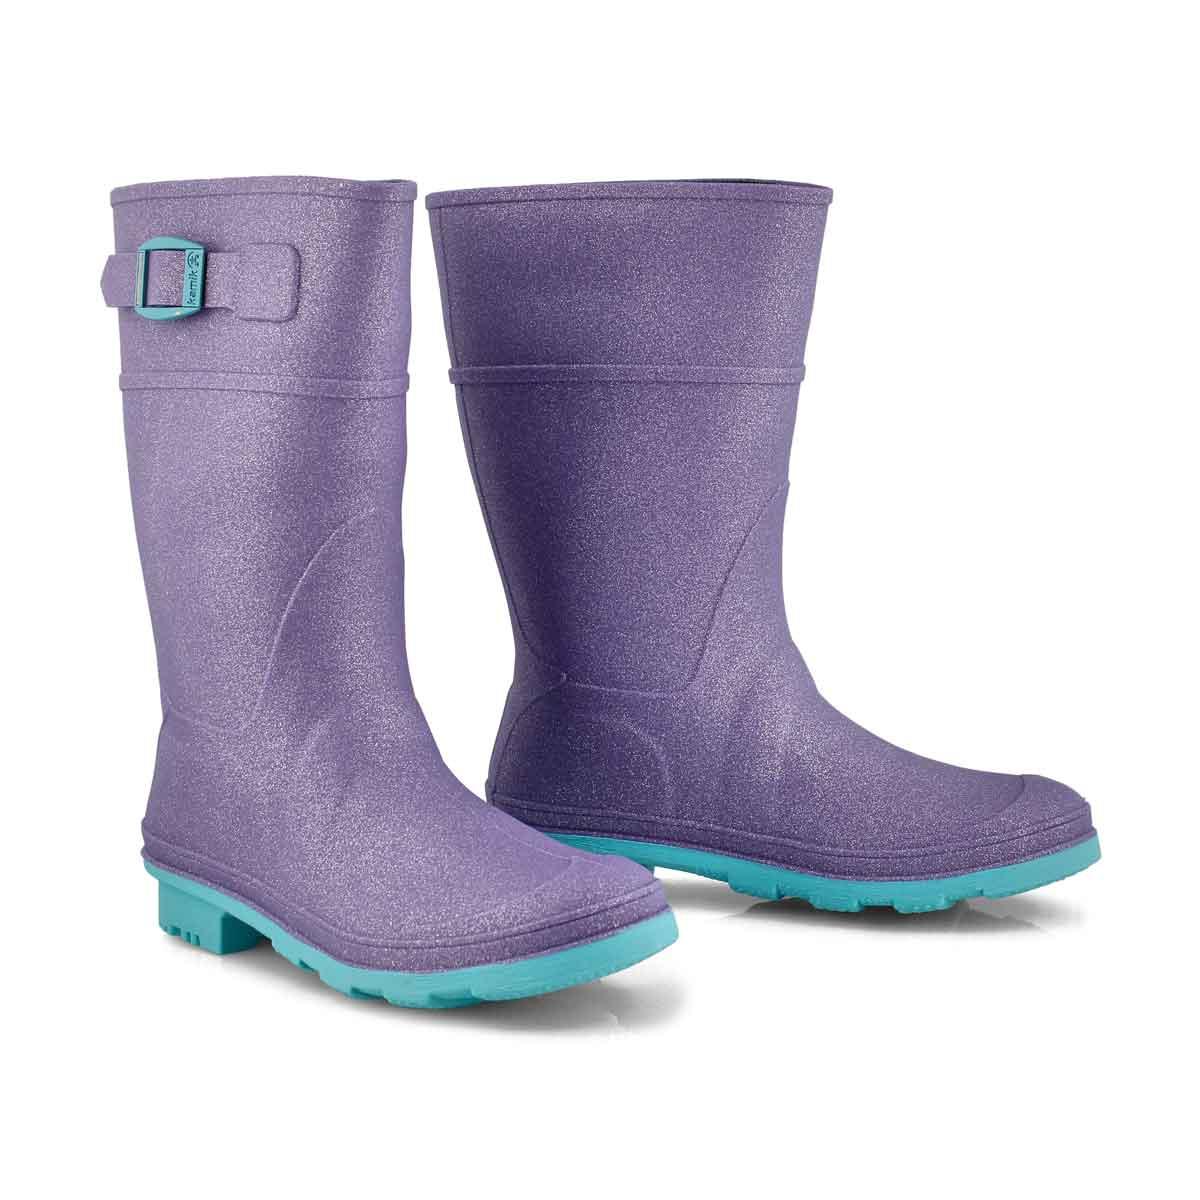 Grls Glitzy purple wtpf rain boot